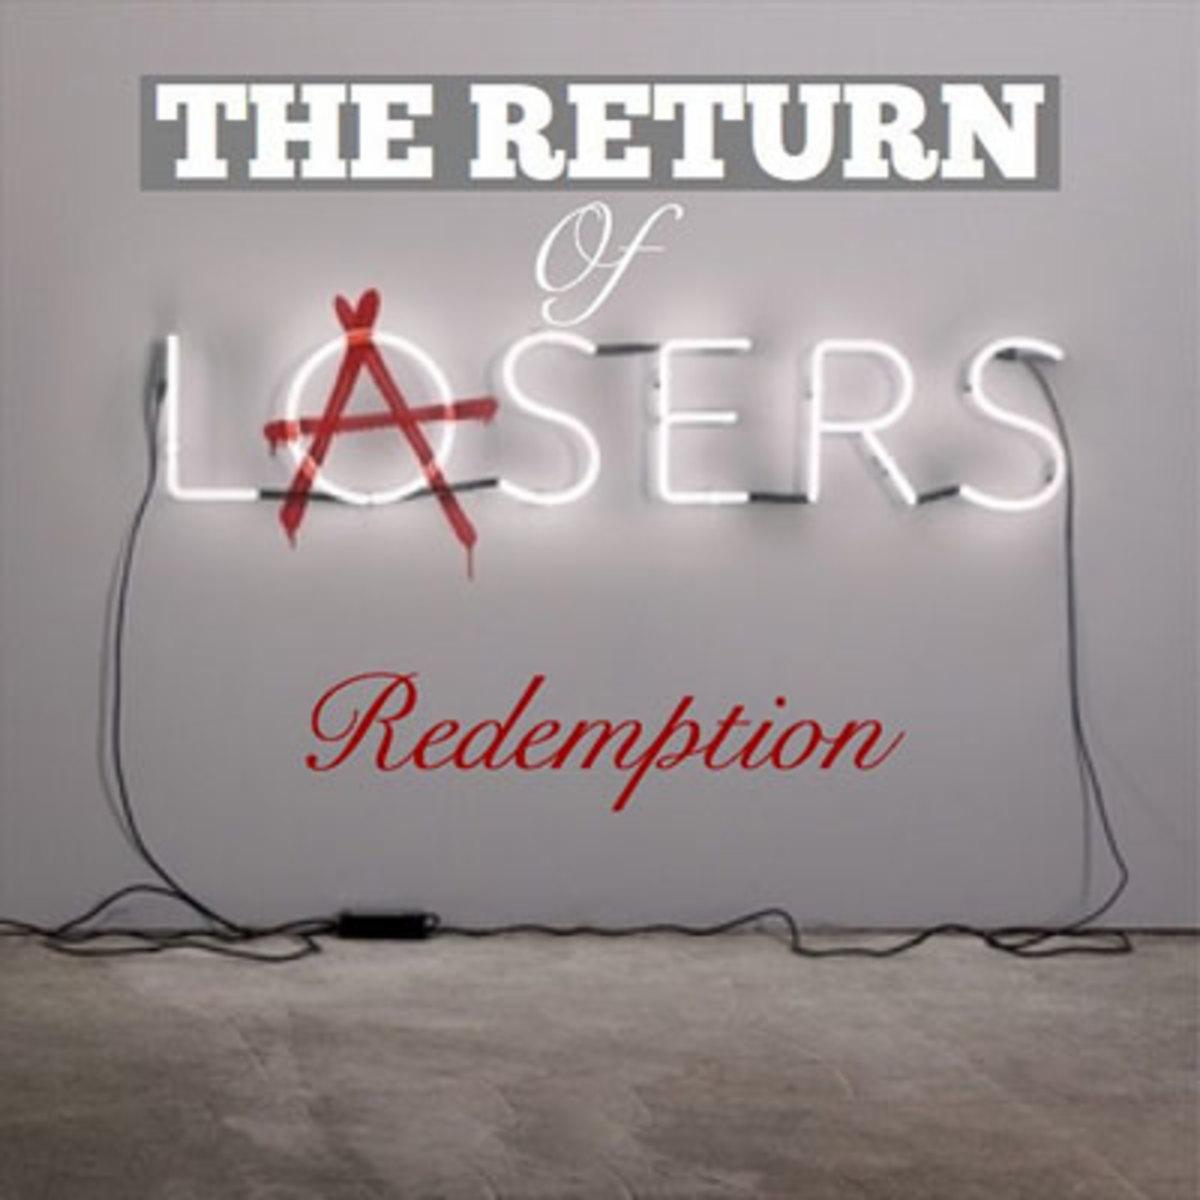 lupe-return-of-lasers.jpg